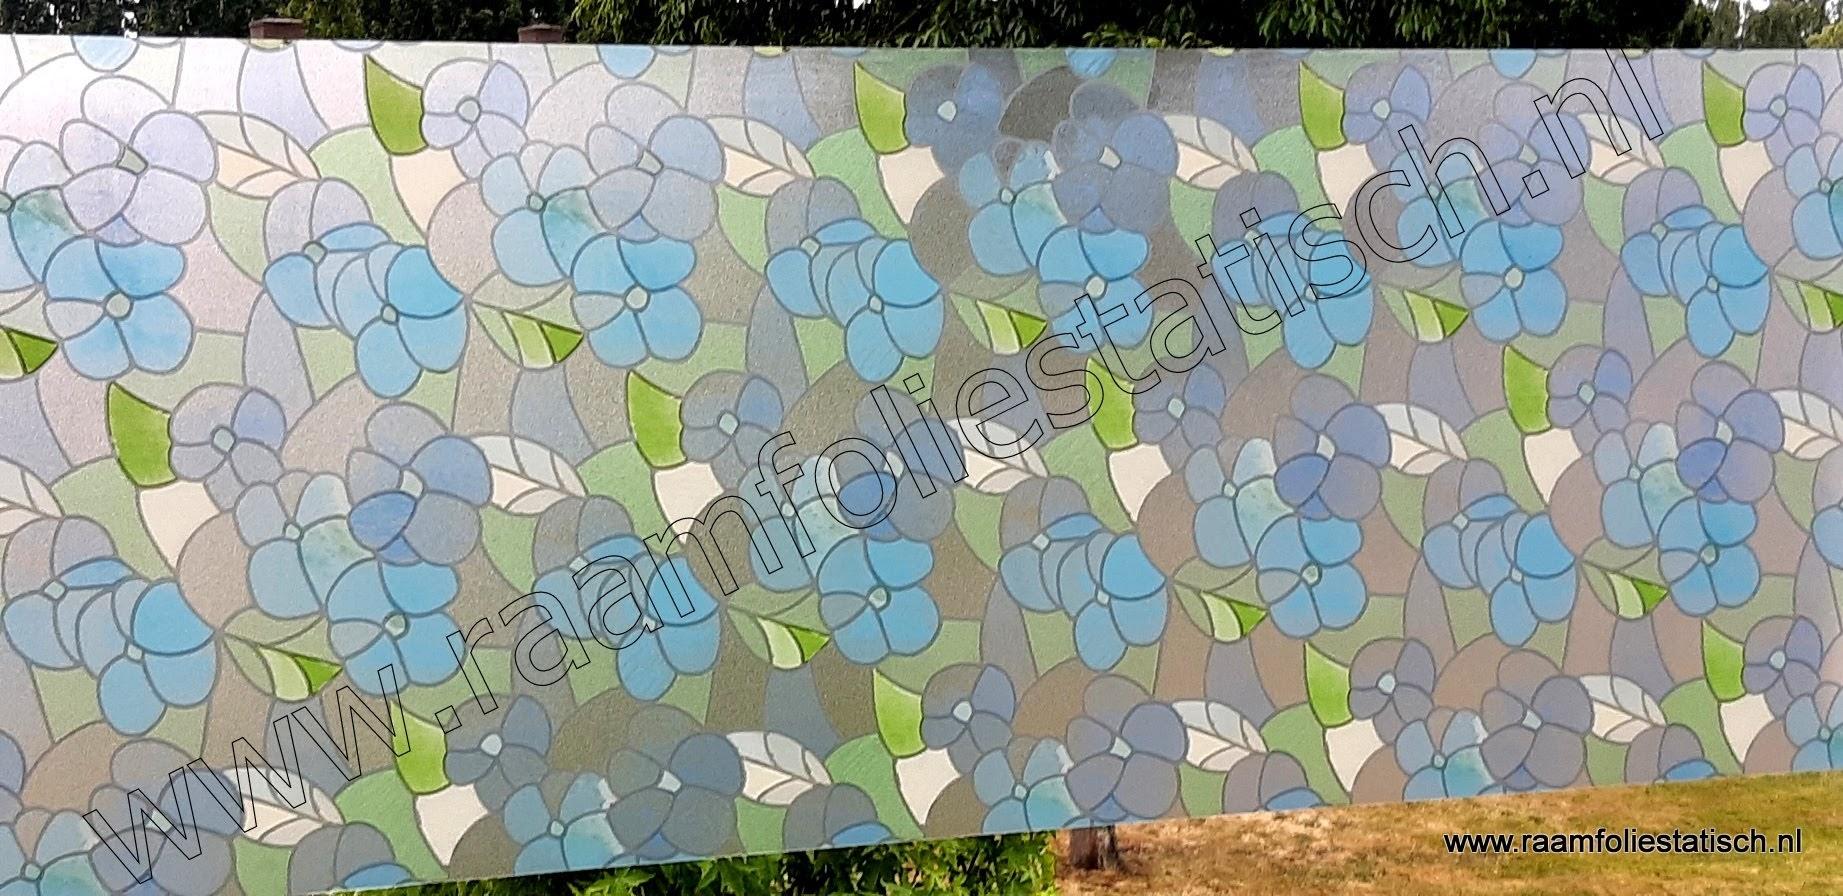 Raamfolie statisch bloemenprint blauw 90cmx1,5m